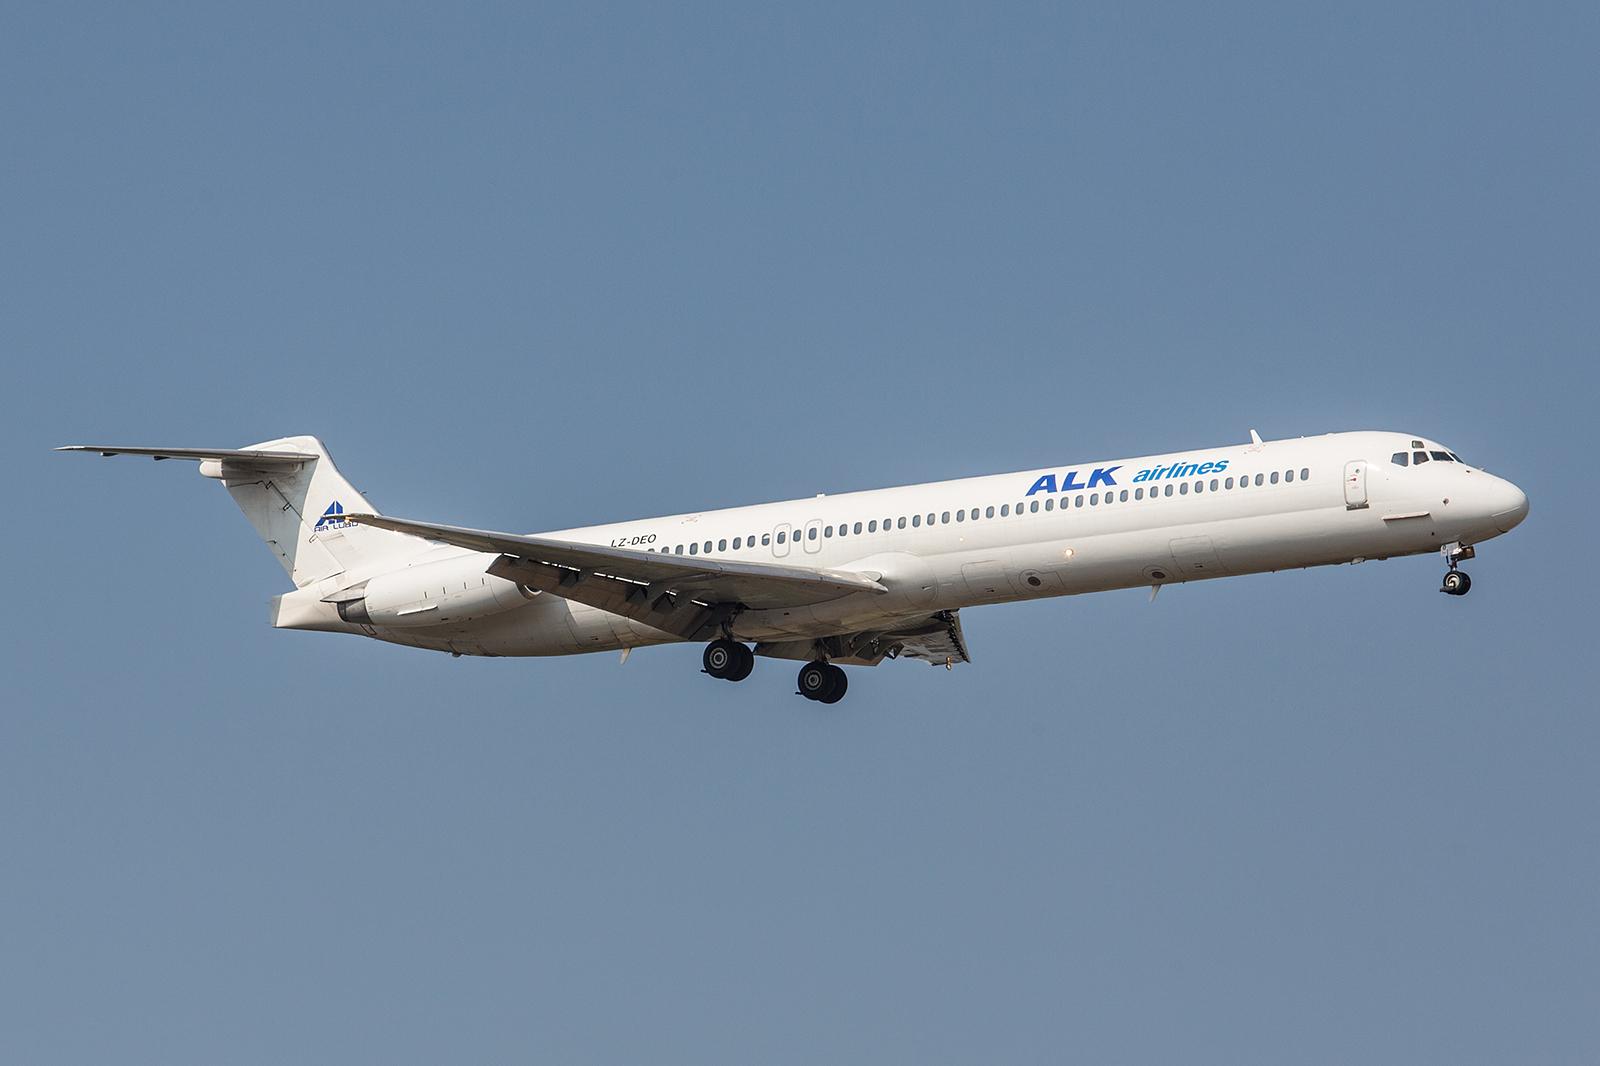 Auf eine sehr bewegte Geschichte kann diese MD82 der ALK Airlines zurückblicken. Über Alaska, Mexico, Ruanda und Rumänien kam der über 30 Jahre alte Flieger schließlich nach Bulgarien.